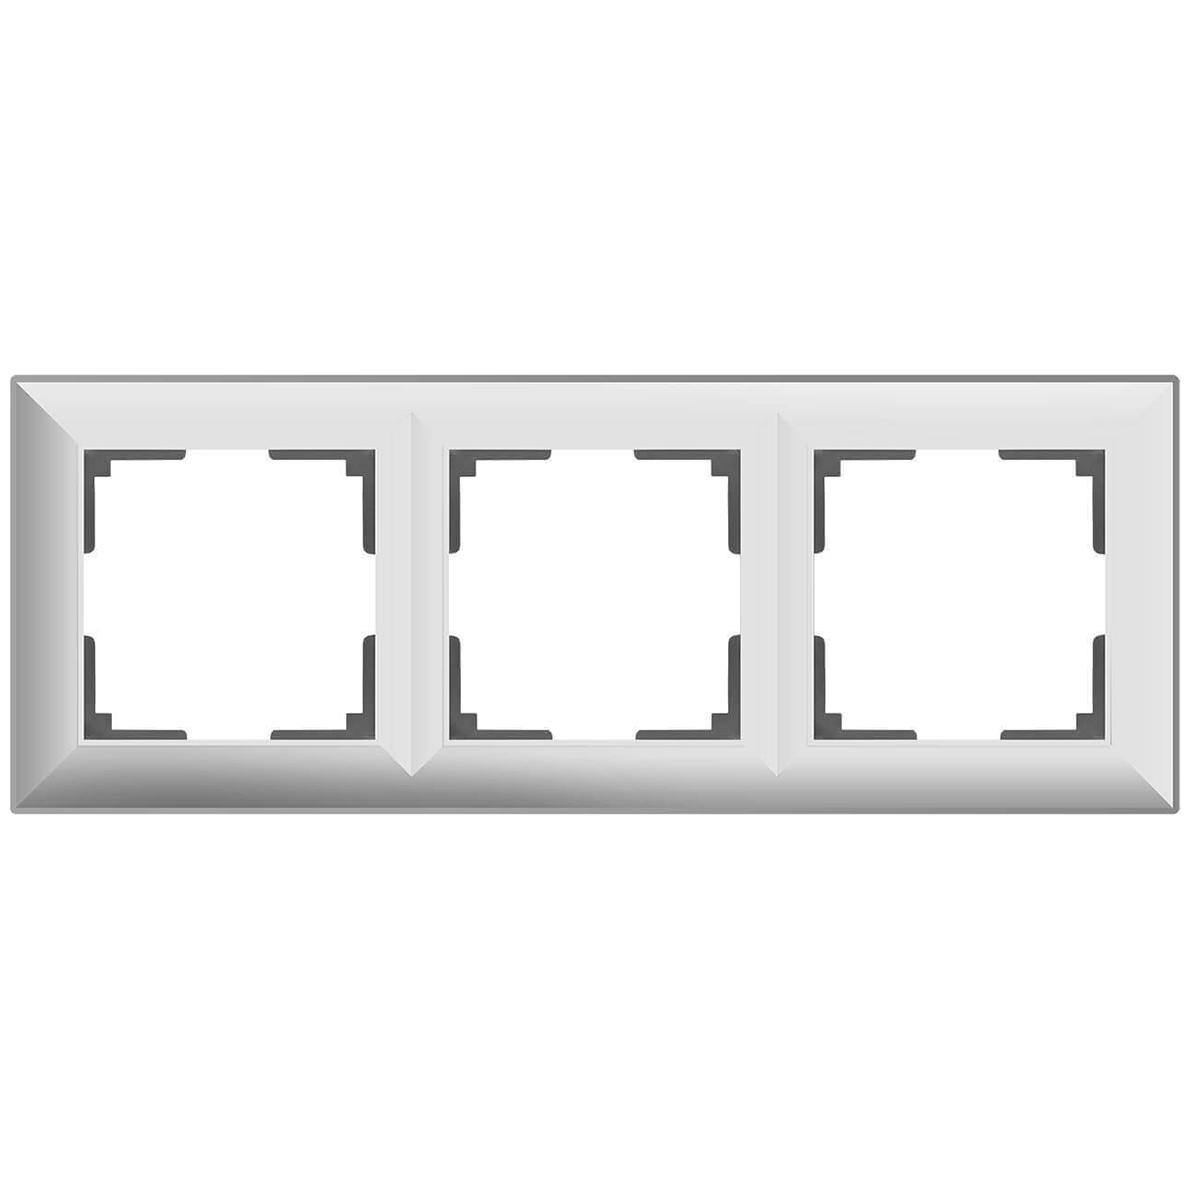 цена Рамка Fiore на 3 поста белый WL14-Frame-03 4690389109119 онлайн в 2017 году